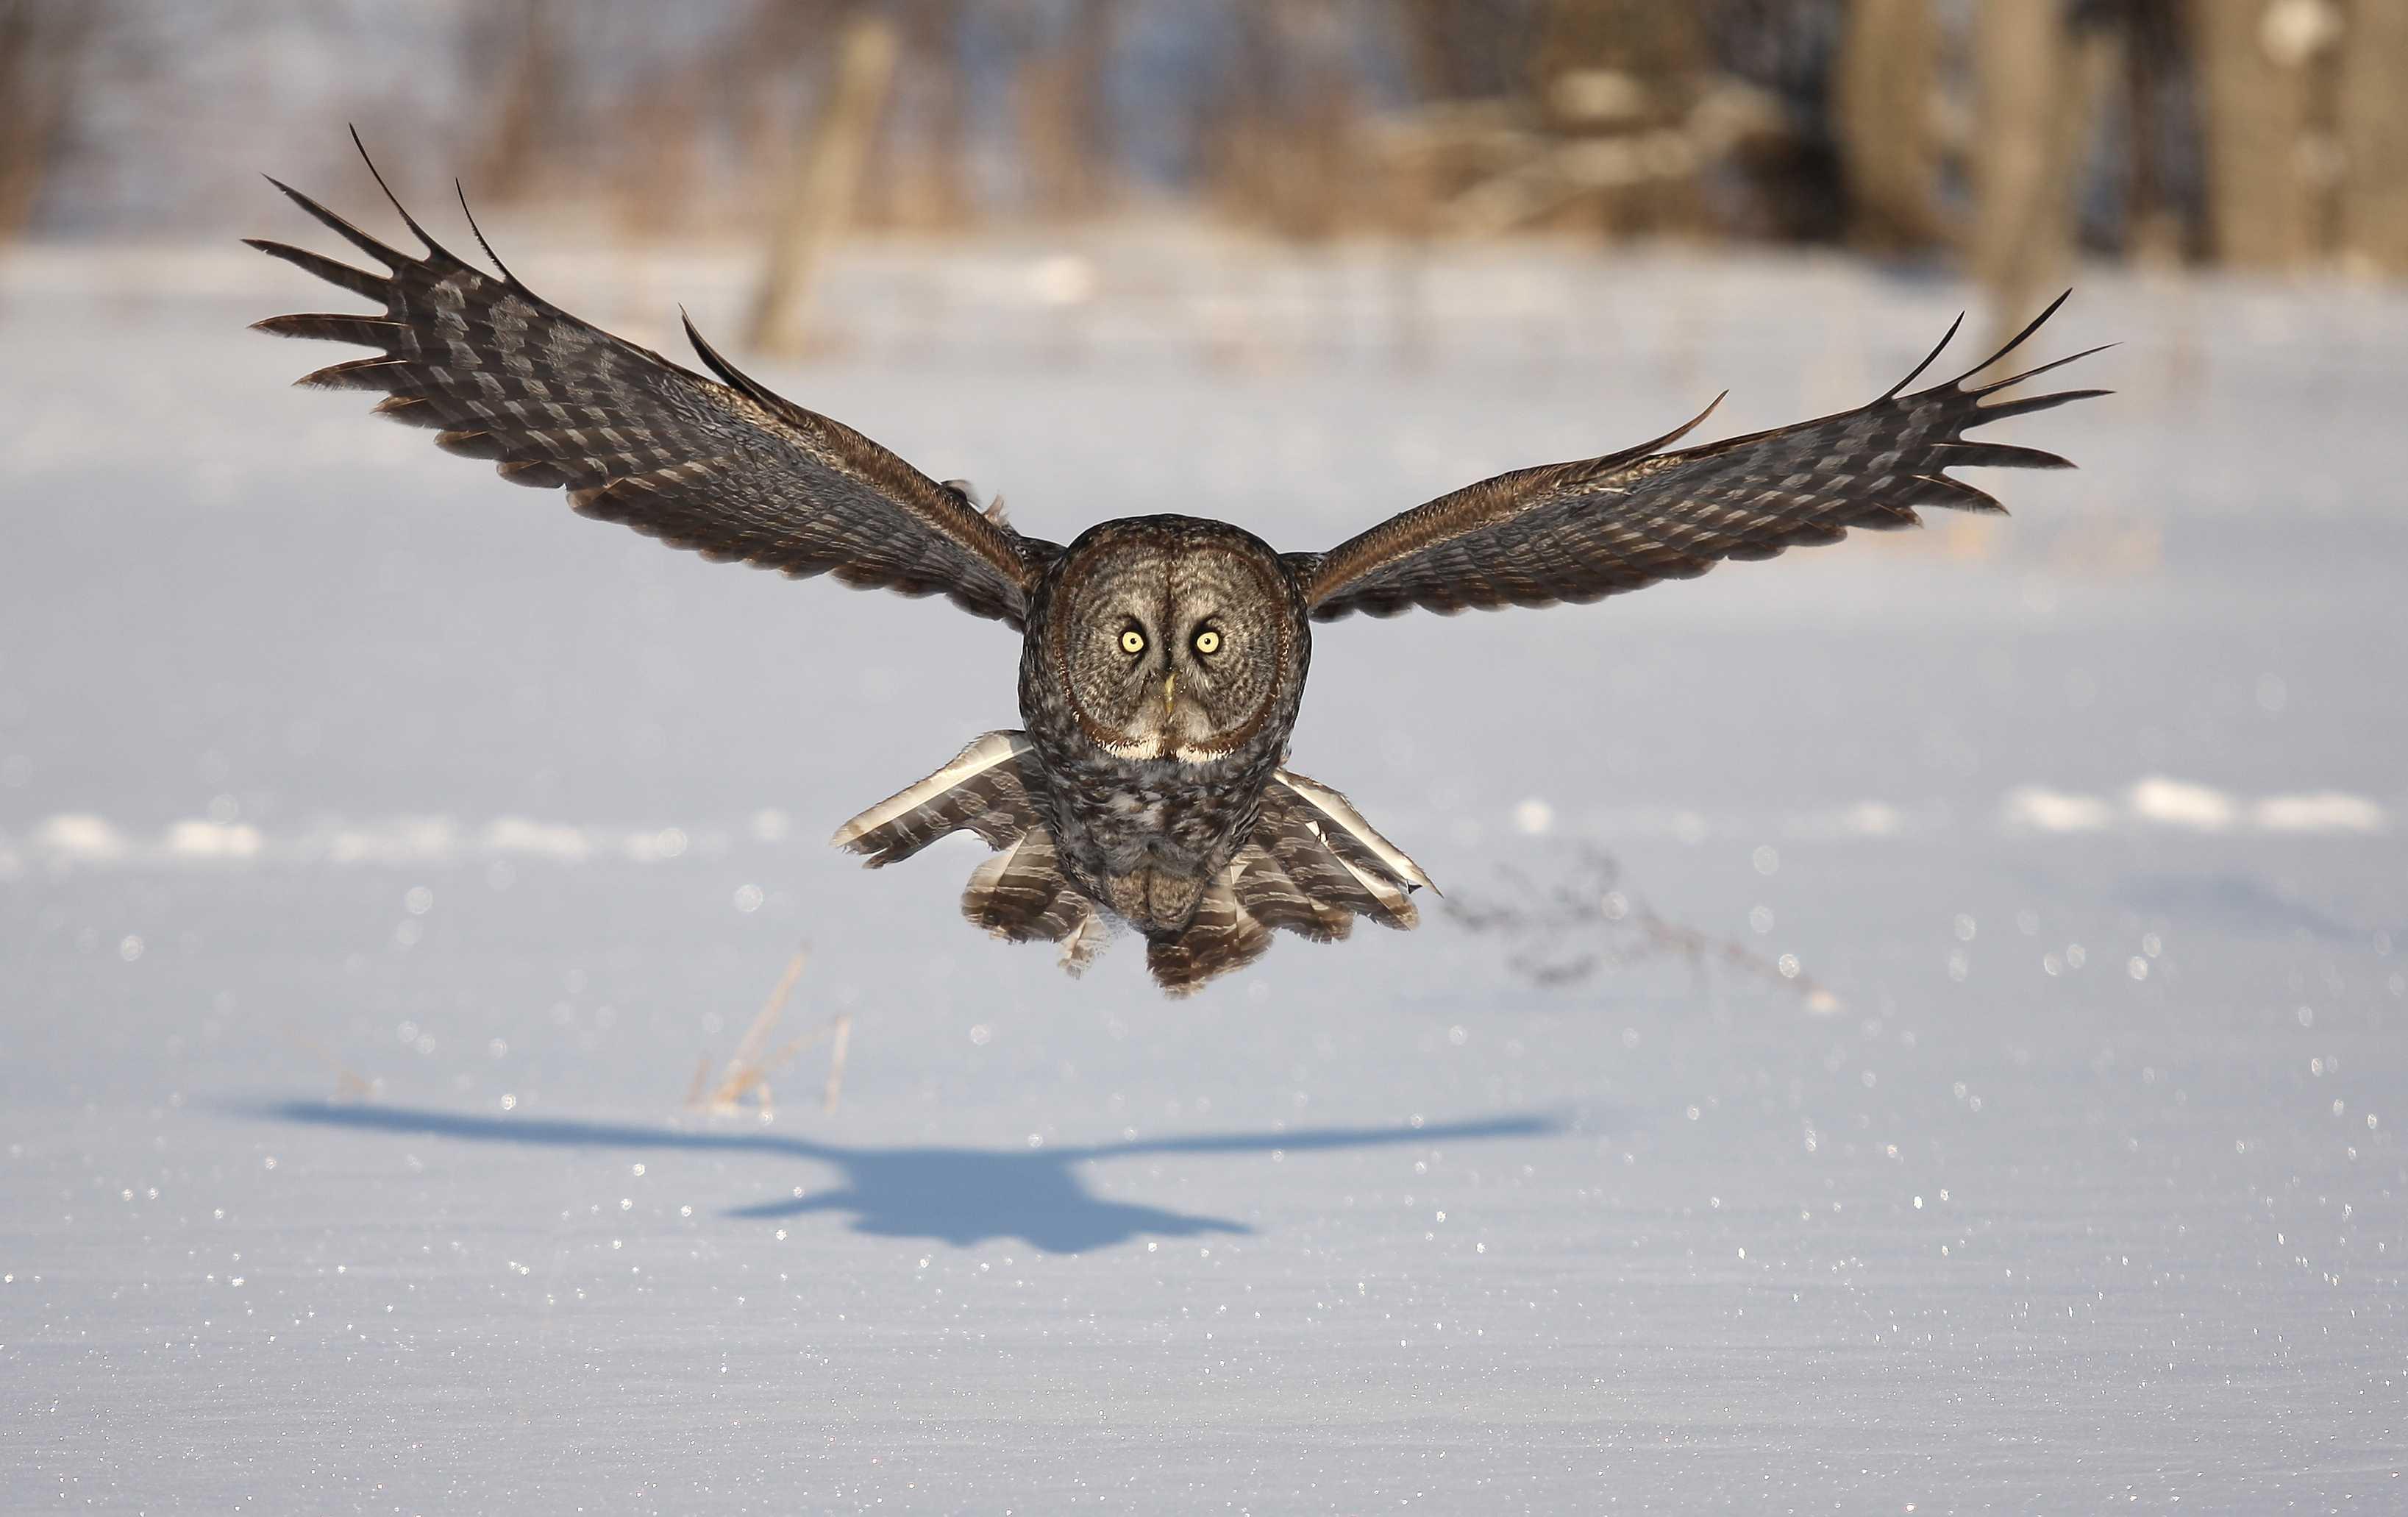 116392 скачать обои Животные, Сова, Птица, Хищник, Полет, Крылья, Взмах, Снег, Зима, Тень - заставки и картинки бесплатно